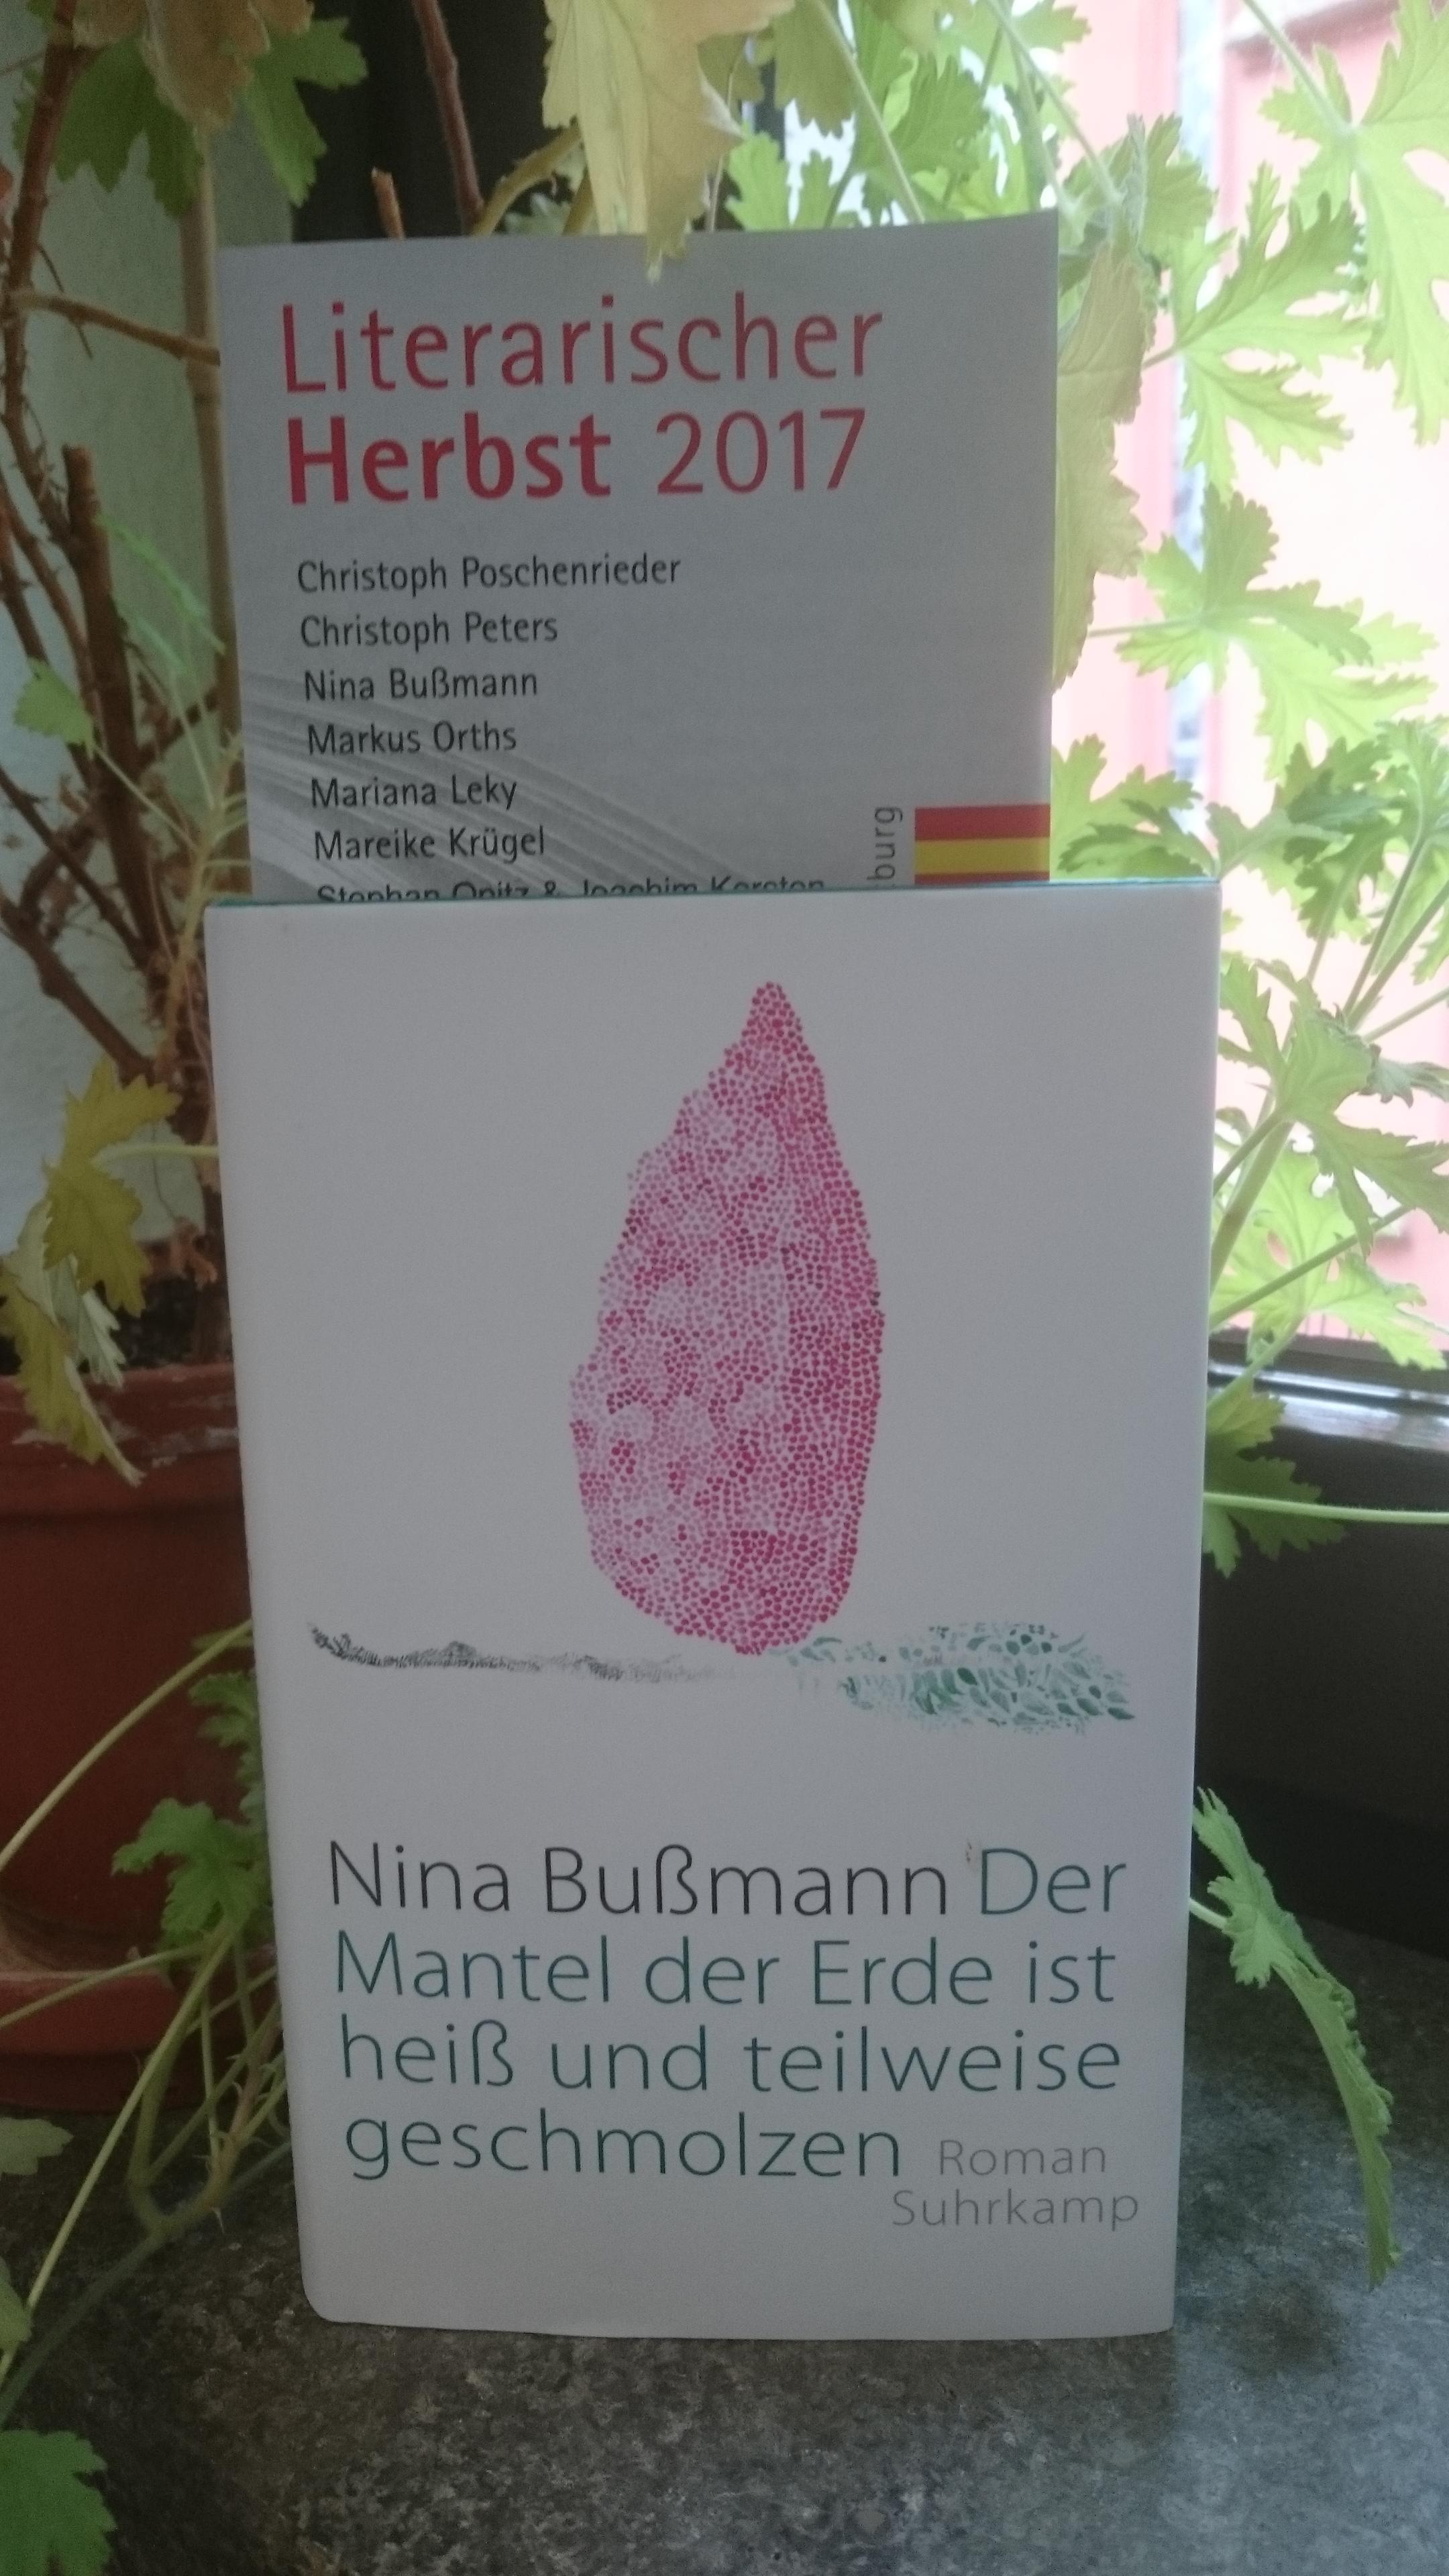 Nina Bußmann: Der Mantel der Erde ist heiß und teilweise geschmolzen